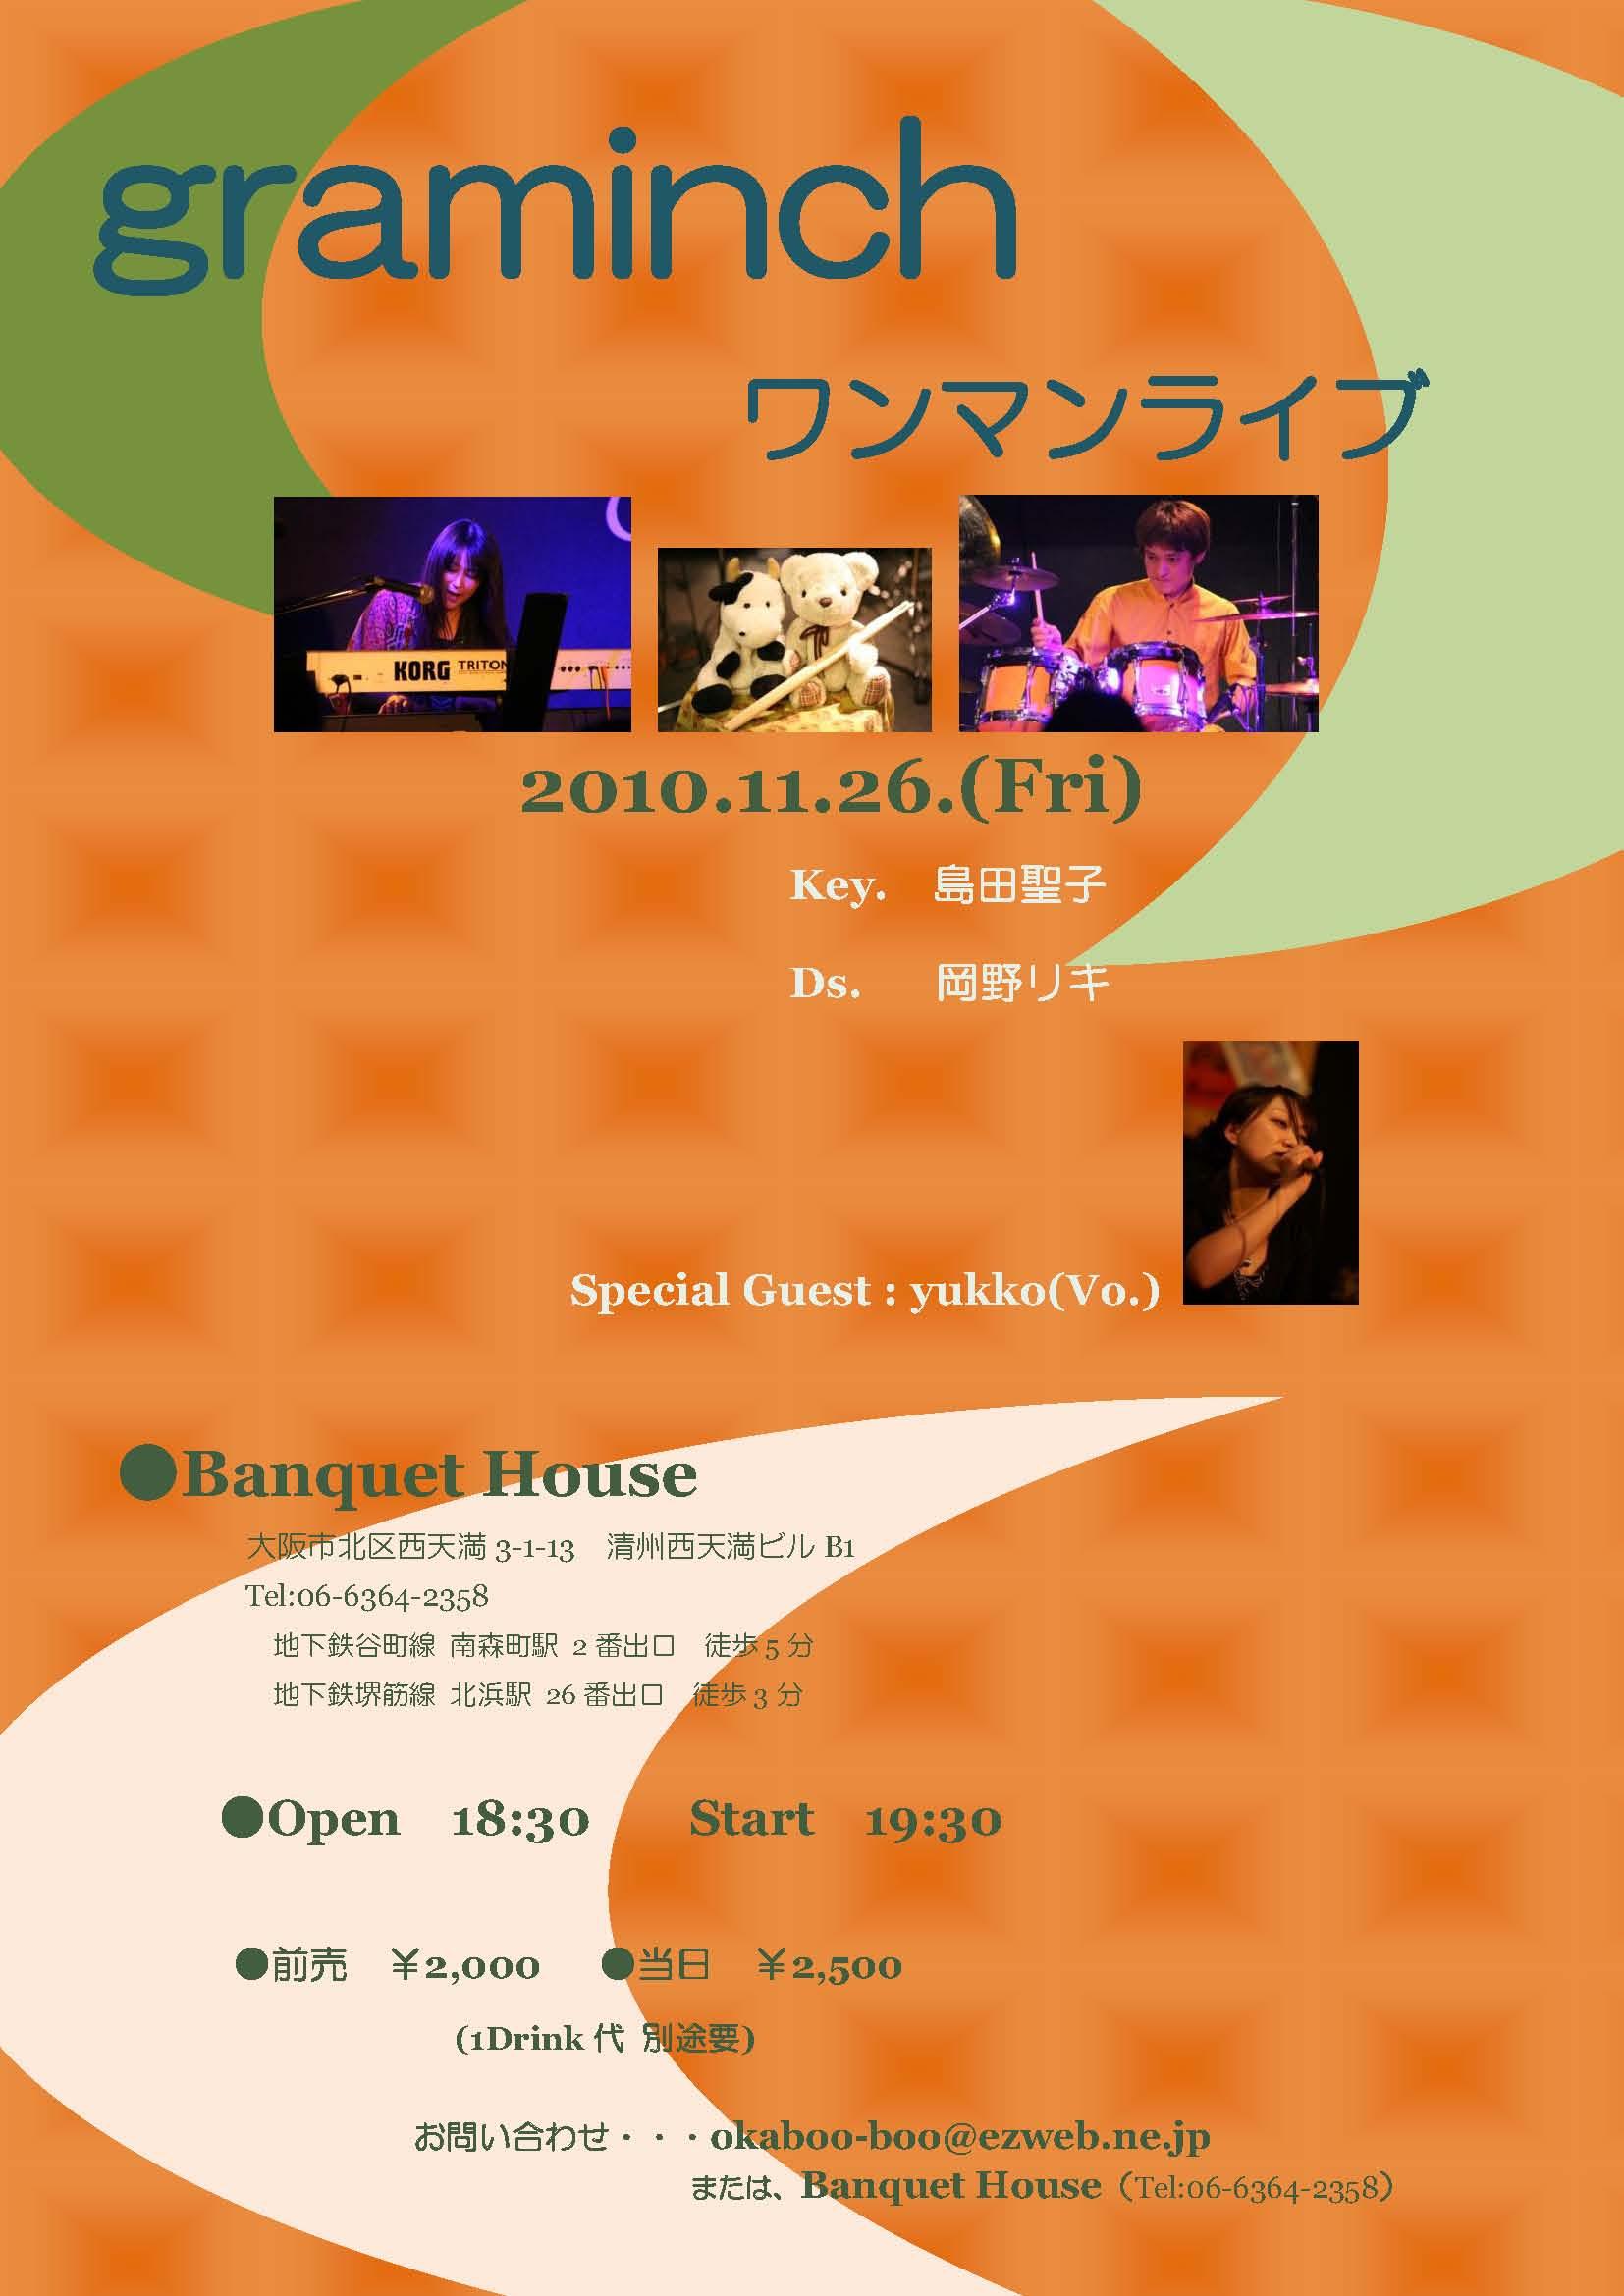 2010.11.26. graminchワンマンライブ Ver.3